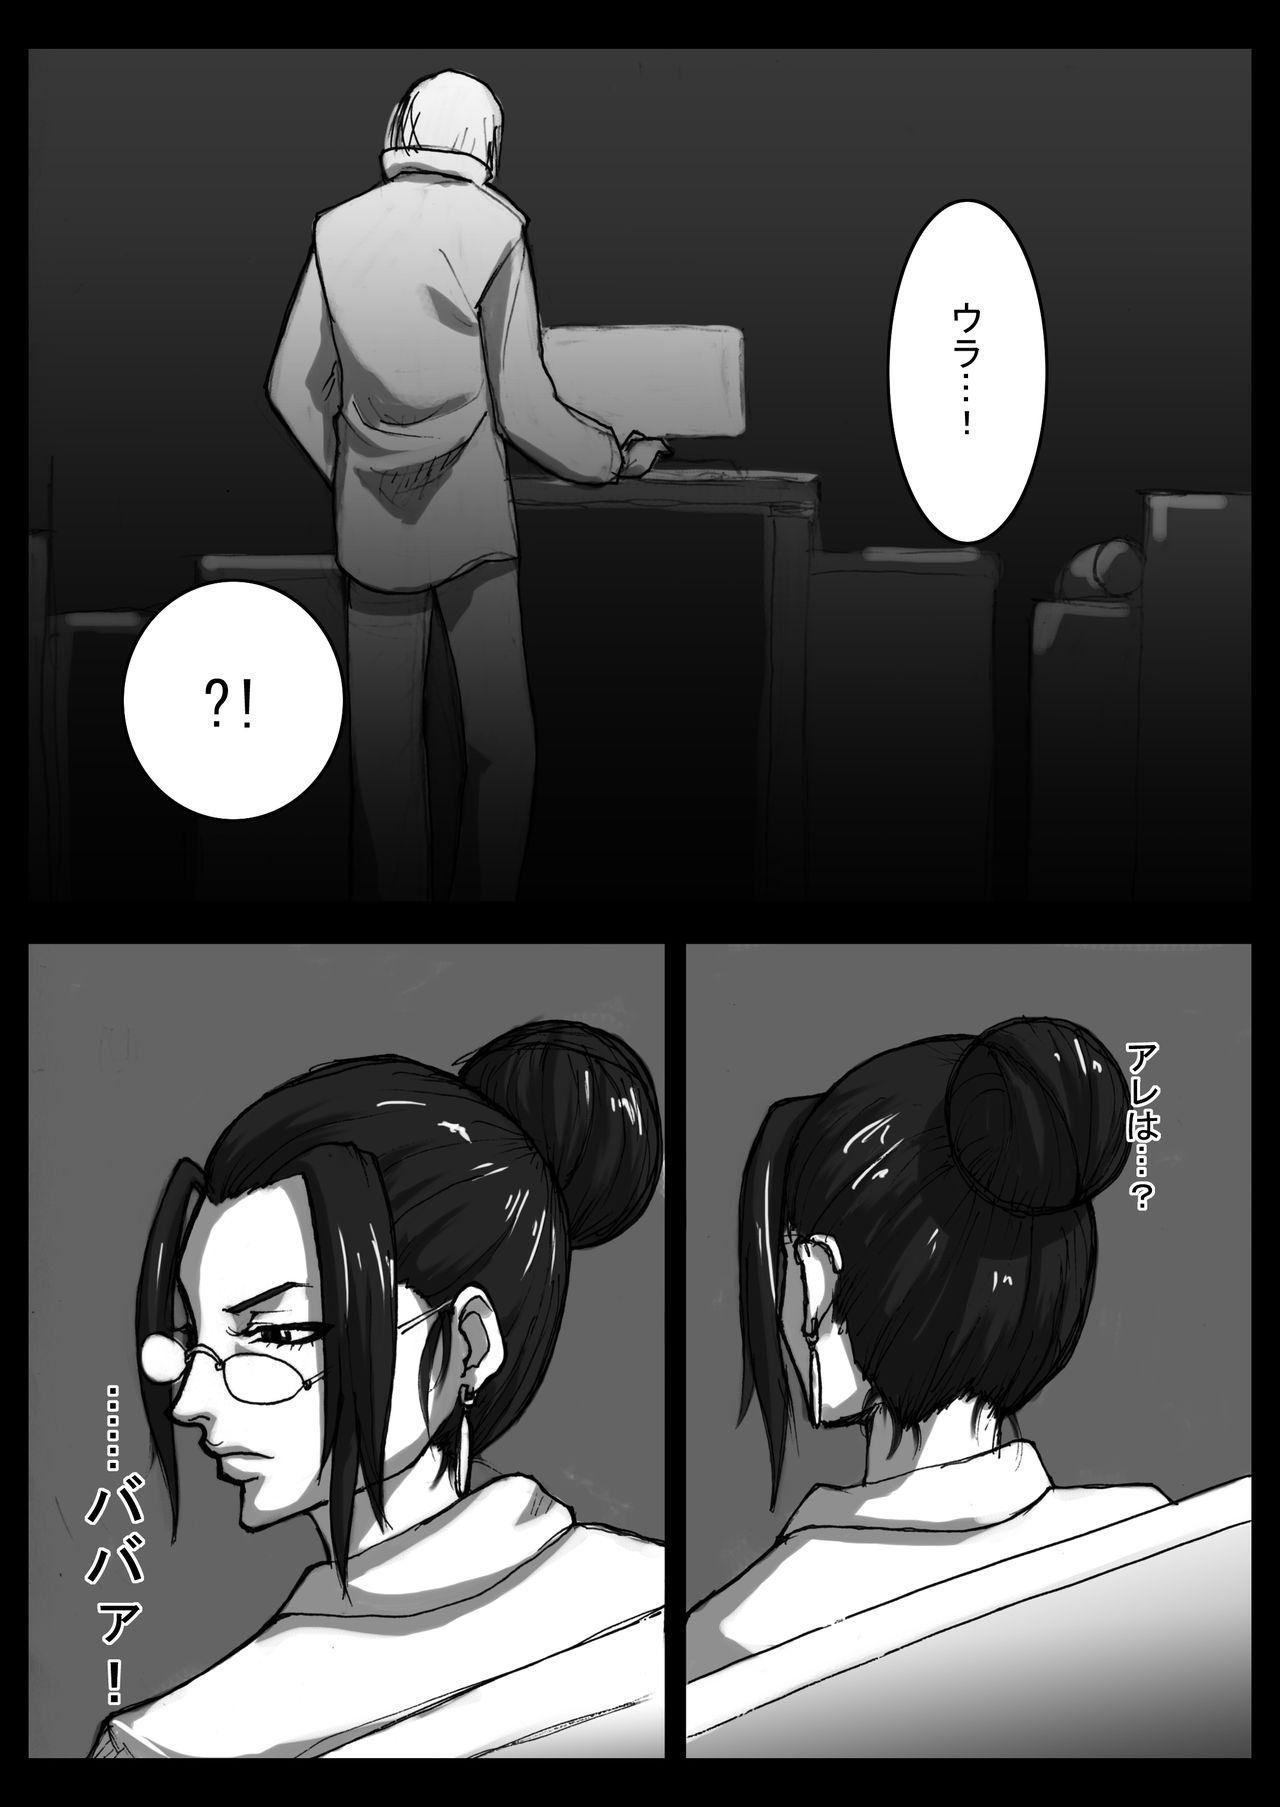 Megane de Bakunyuu no Kanbu o Himitsu Kaigi de Aheahe 3